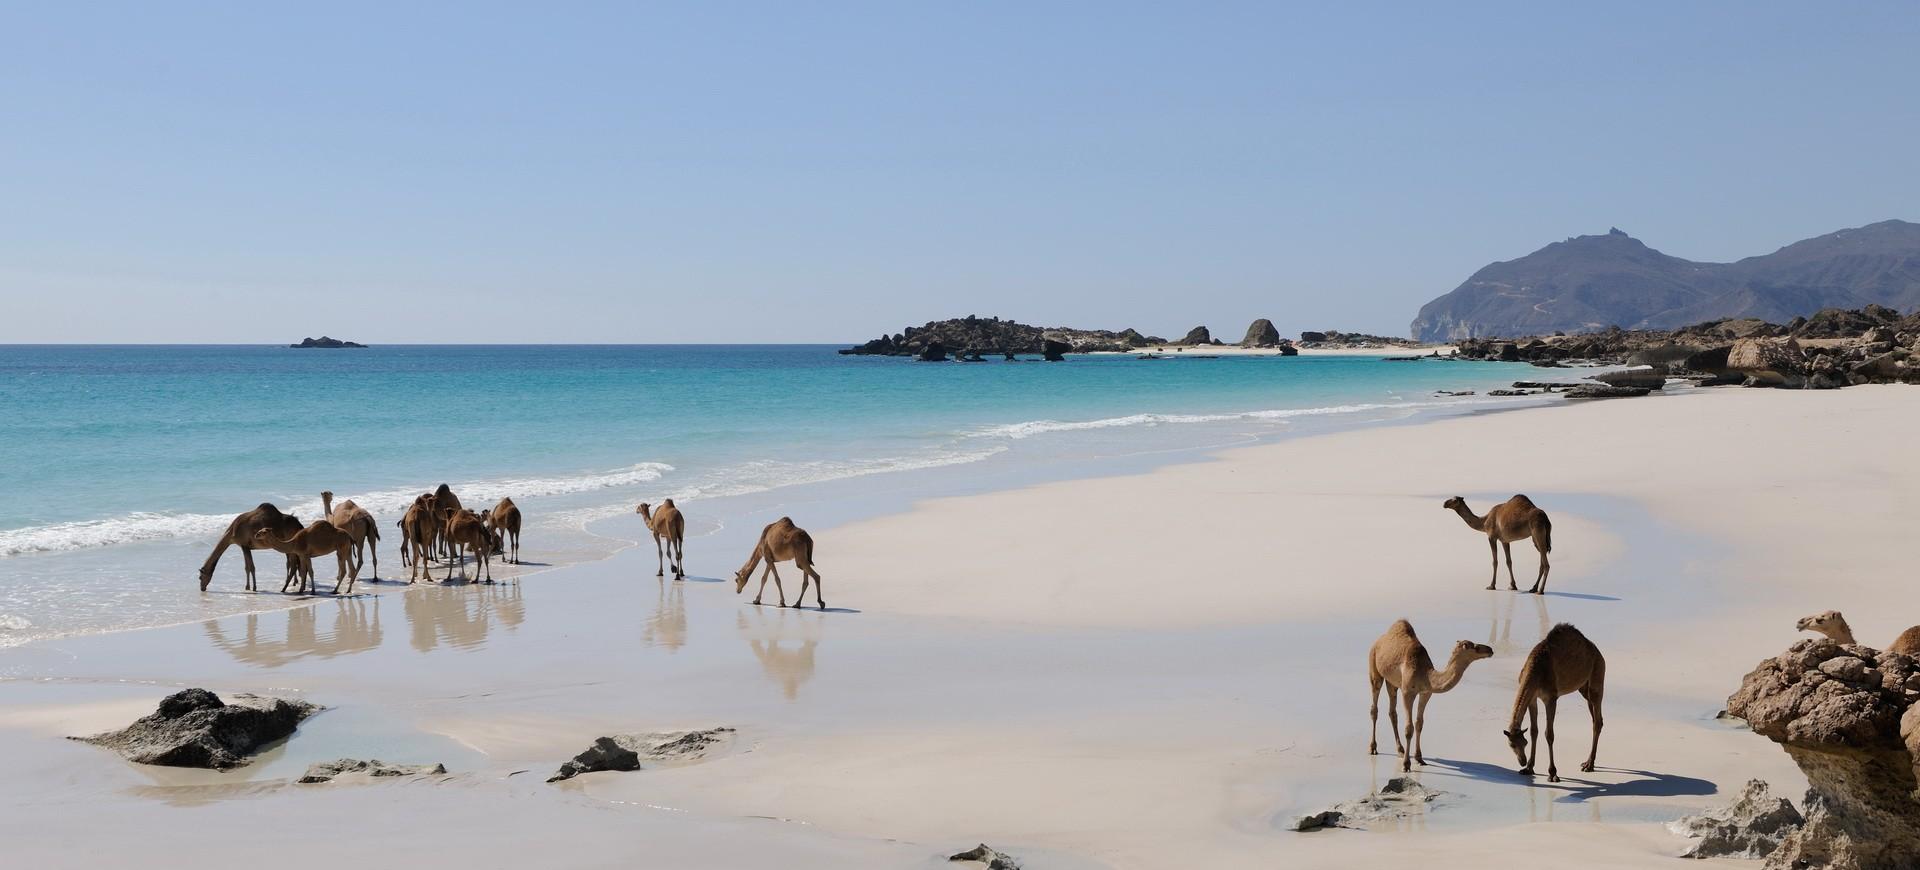 Oman Chameaux sur une plage du Dhofar